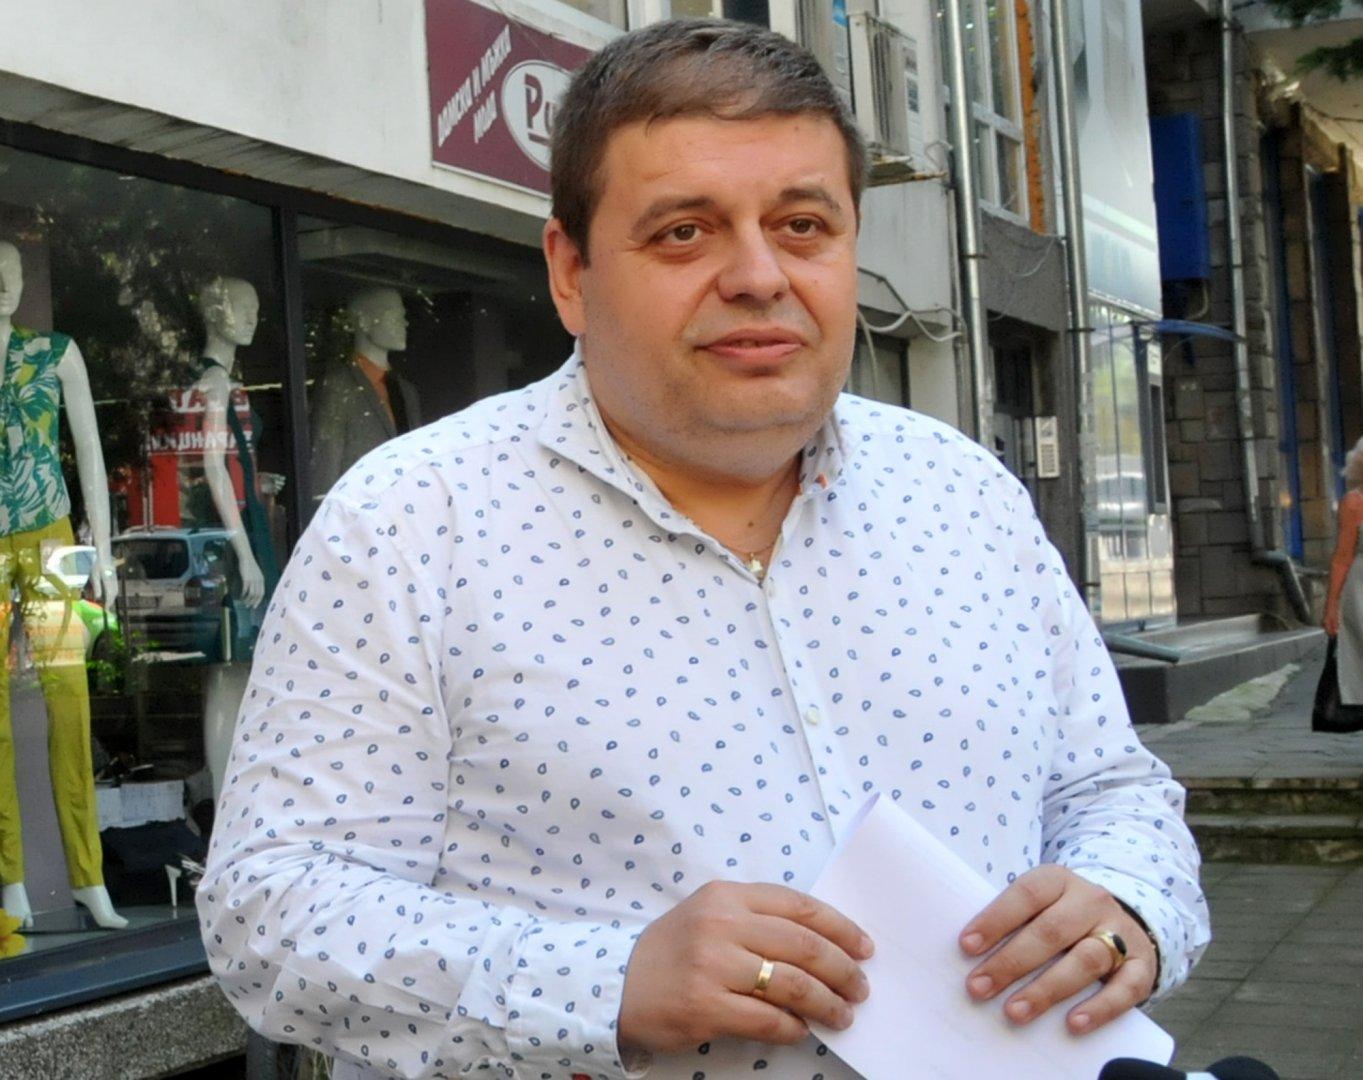 Новината за кончината на адвокат Мосинов шокира всички. Снимка Лина Главинова